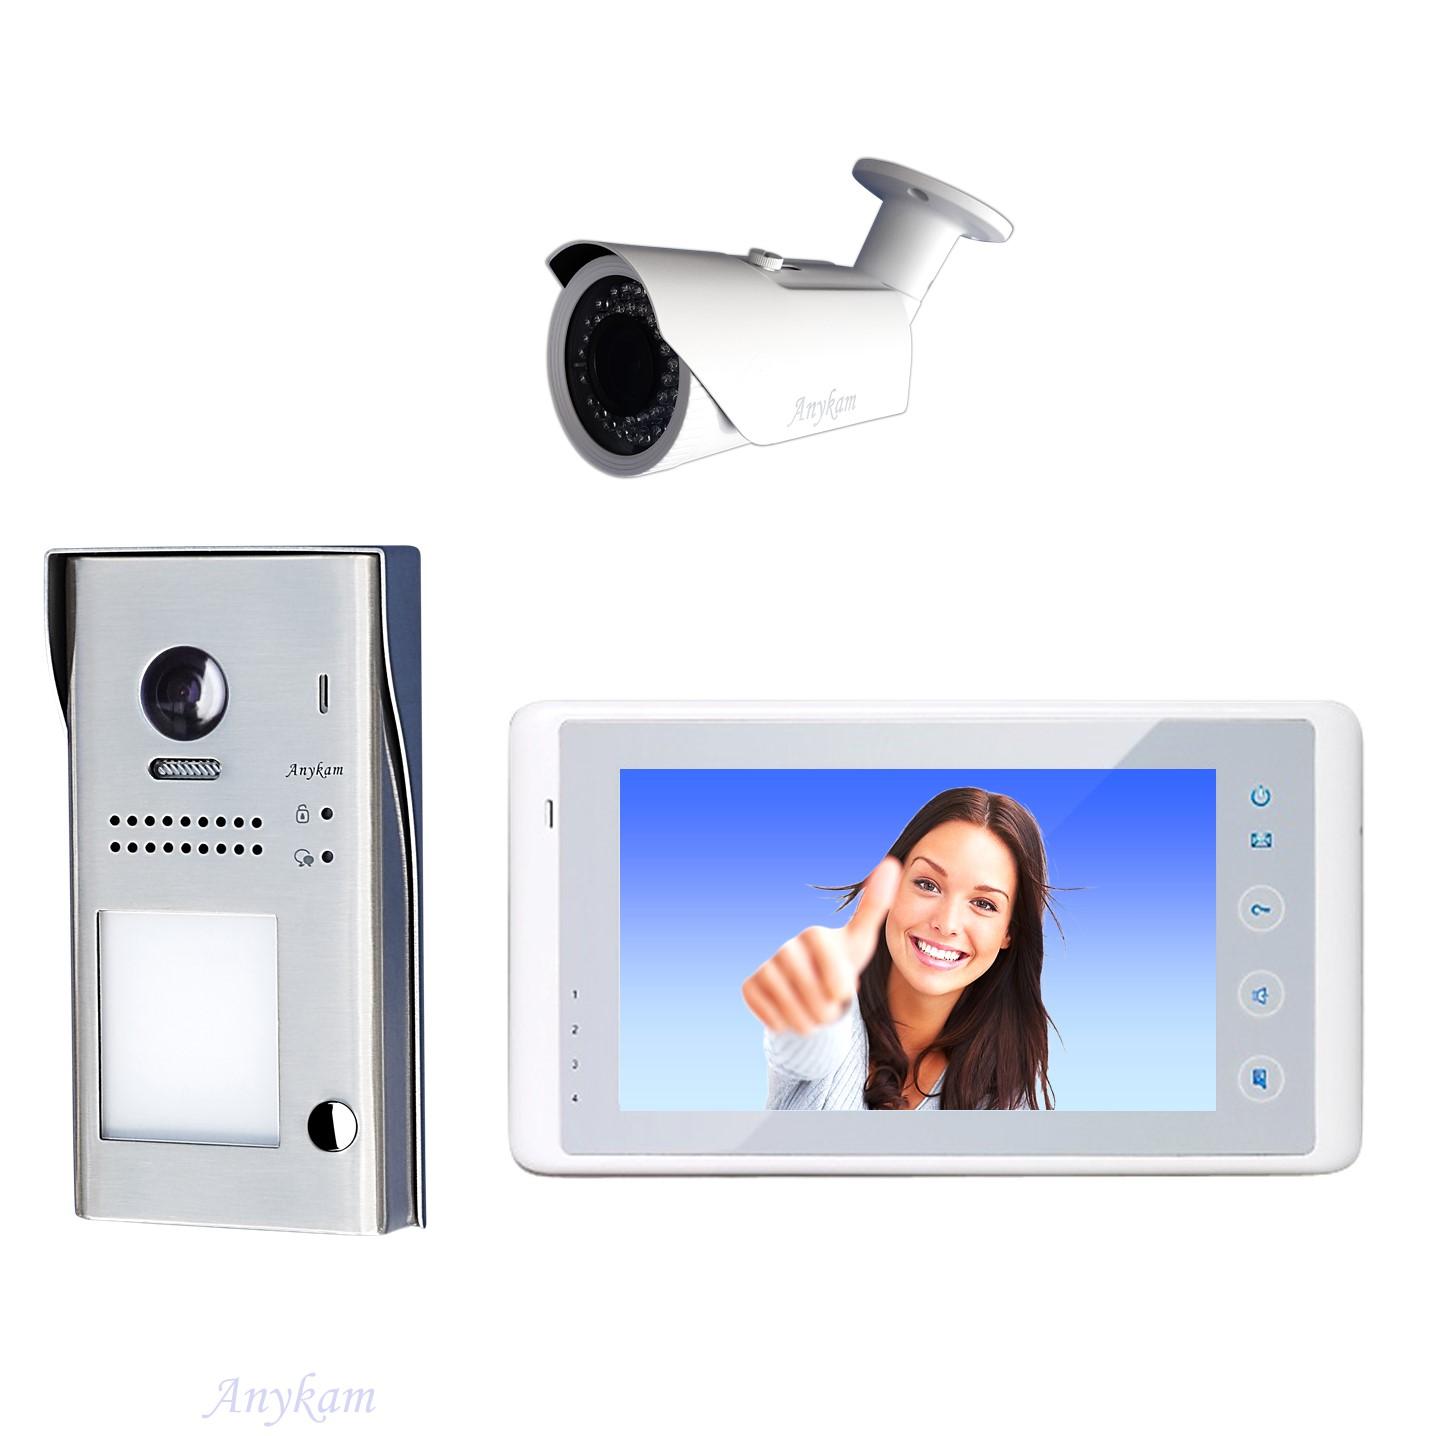 Design Farb Video Türsprechanalge Videosprechanlage Gegensprechanlage Klingelanalge Interfon mit 2-Draht Technik